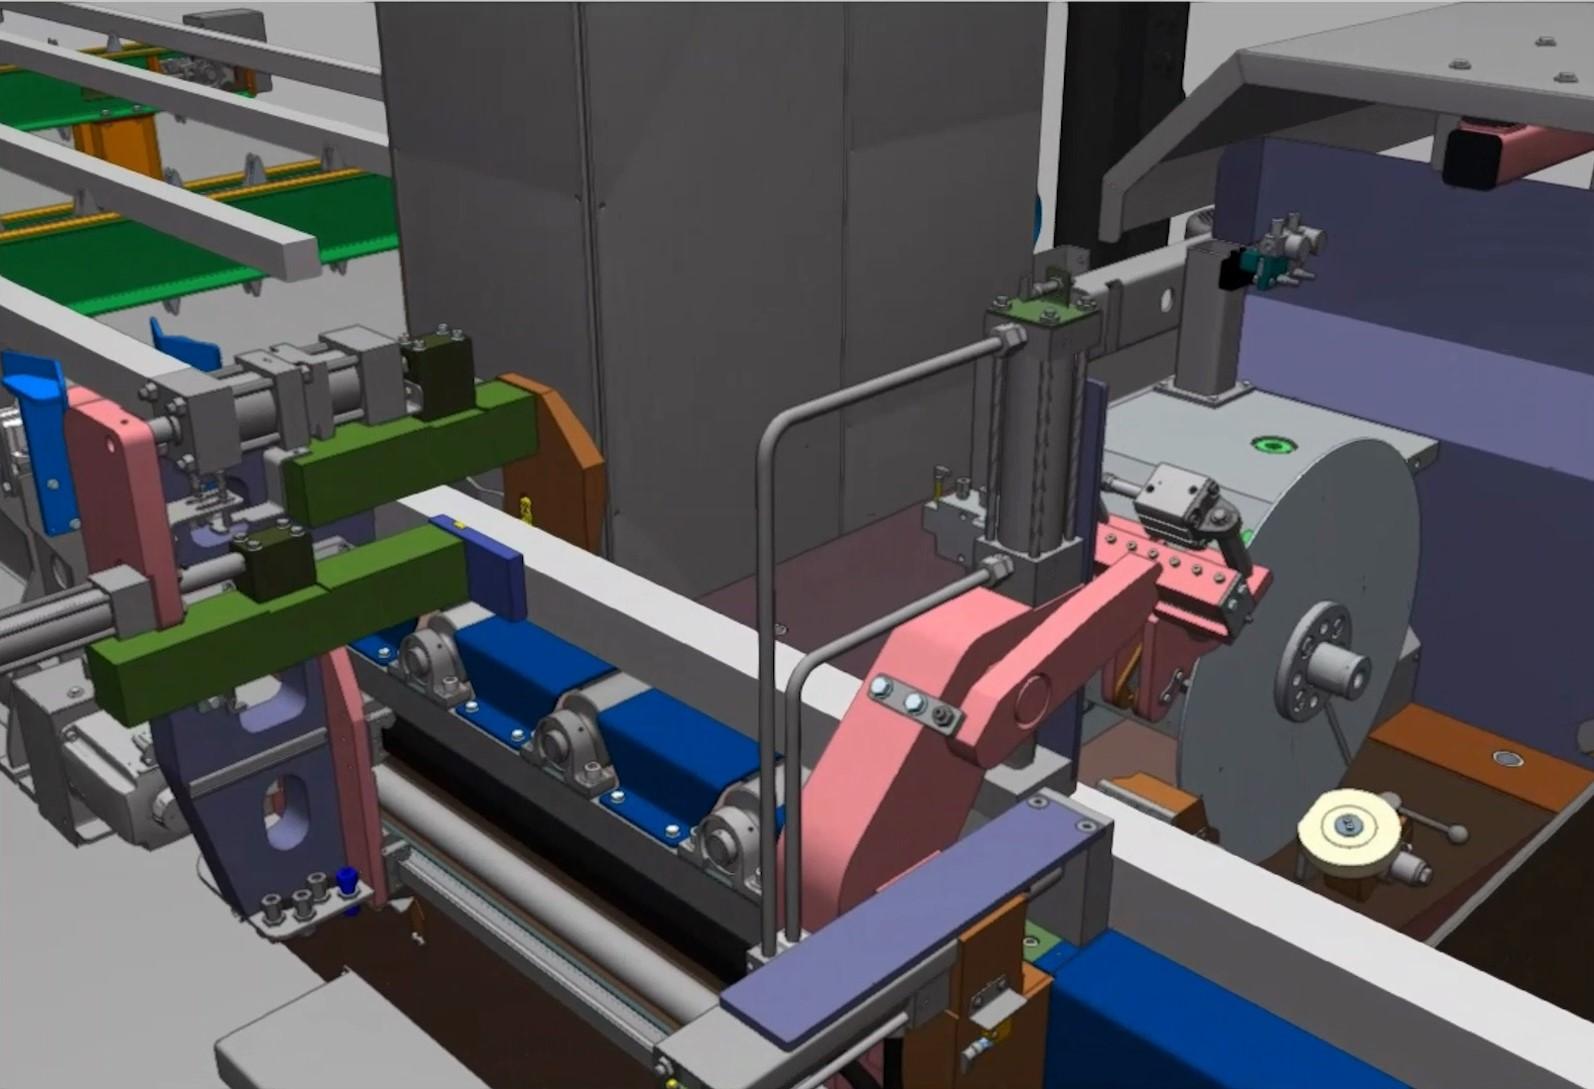 Entwicklung und Maschineninbetriebnahme simulieren